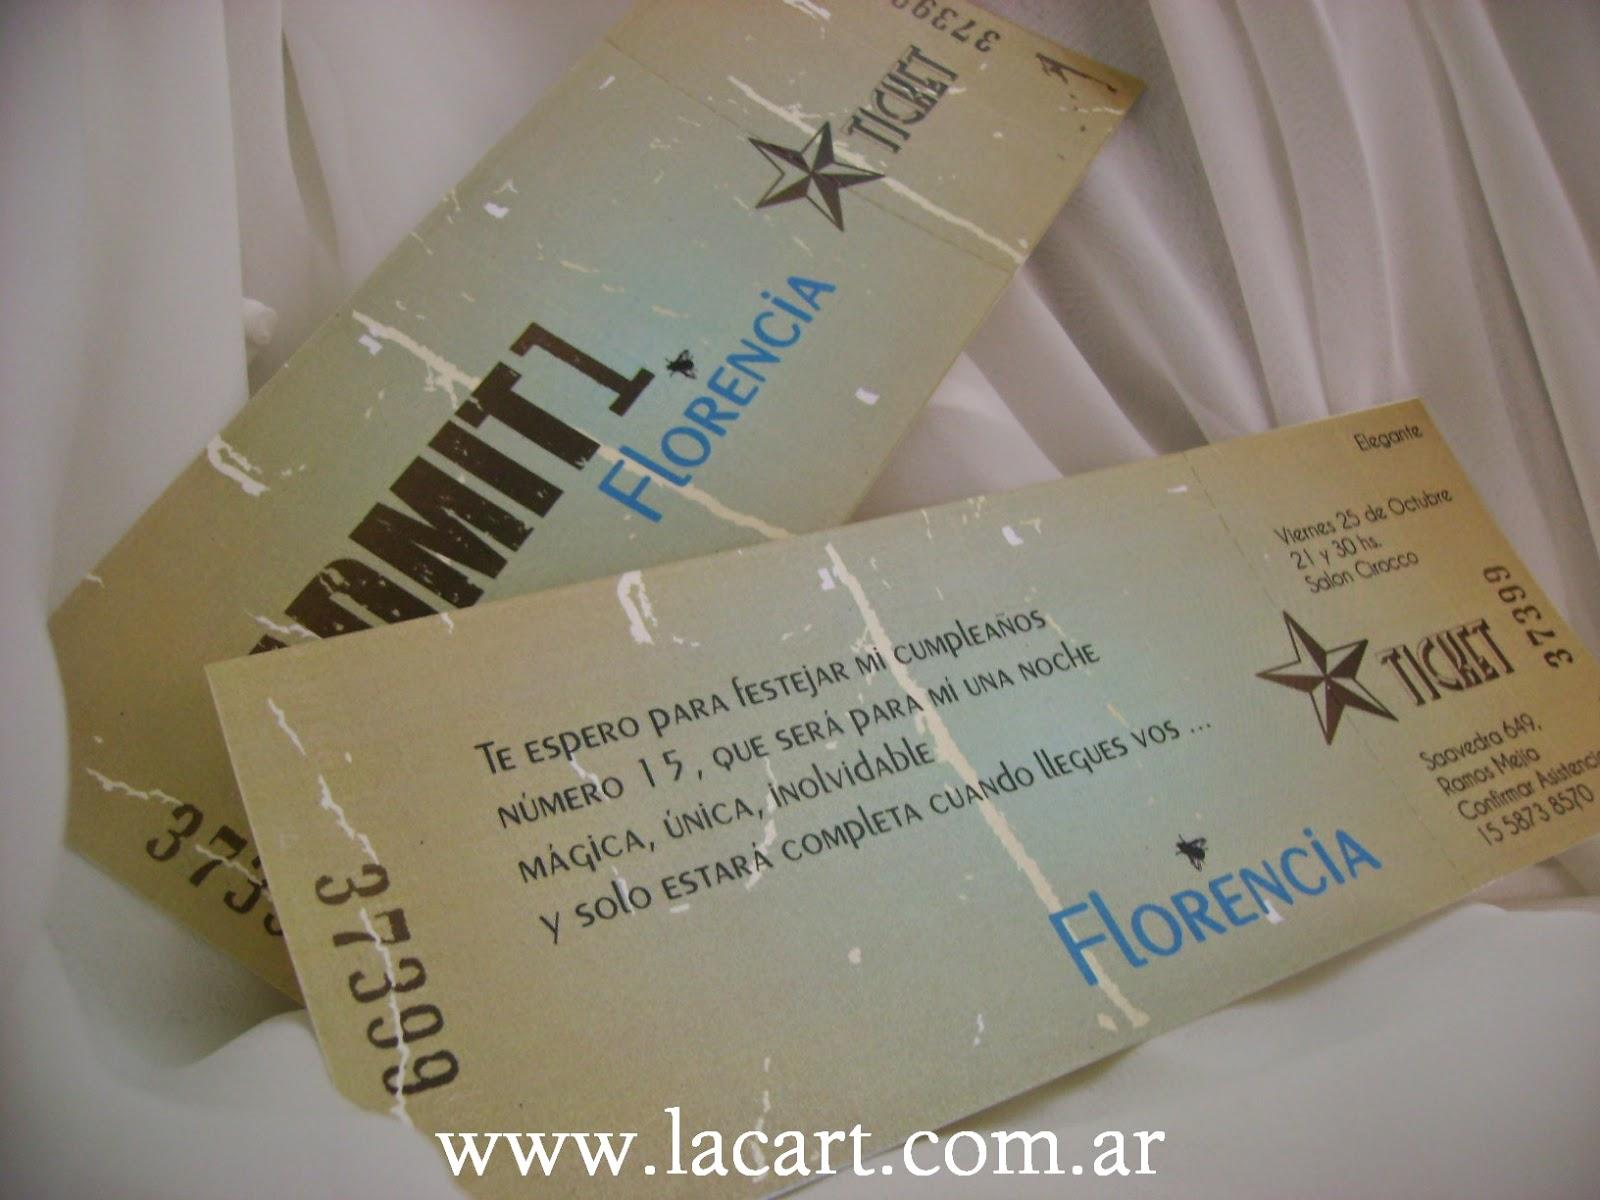 invitaciones de 15, tarjetas de quince, incitaciones de quince, tarjetas de 15 originales